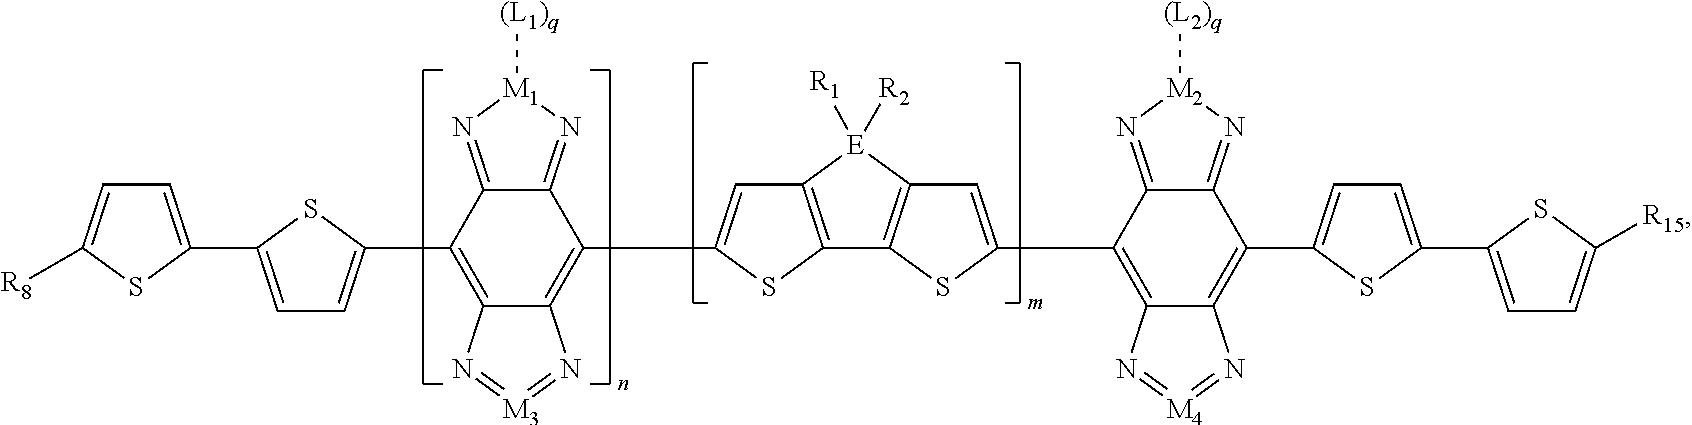 Figure US09543529-20170110-C00032